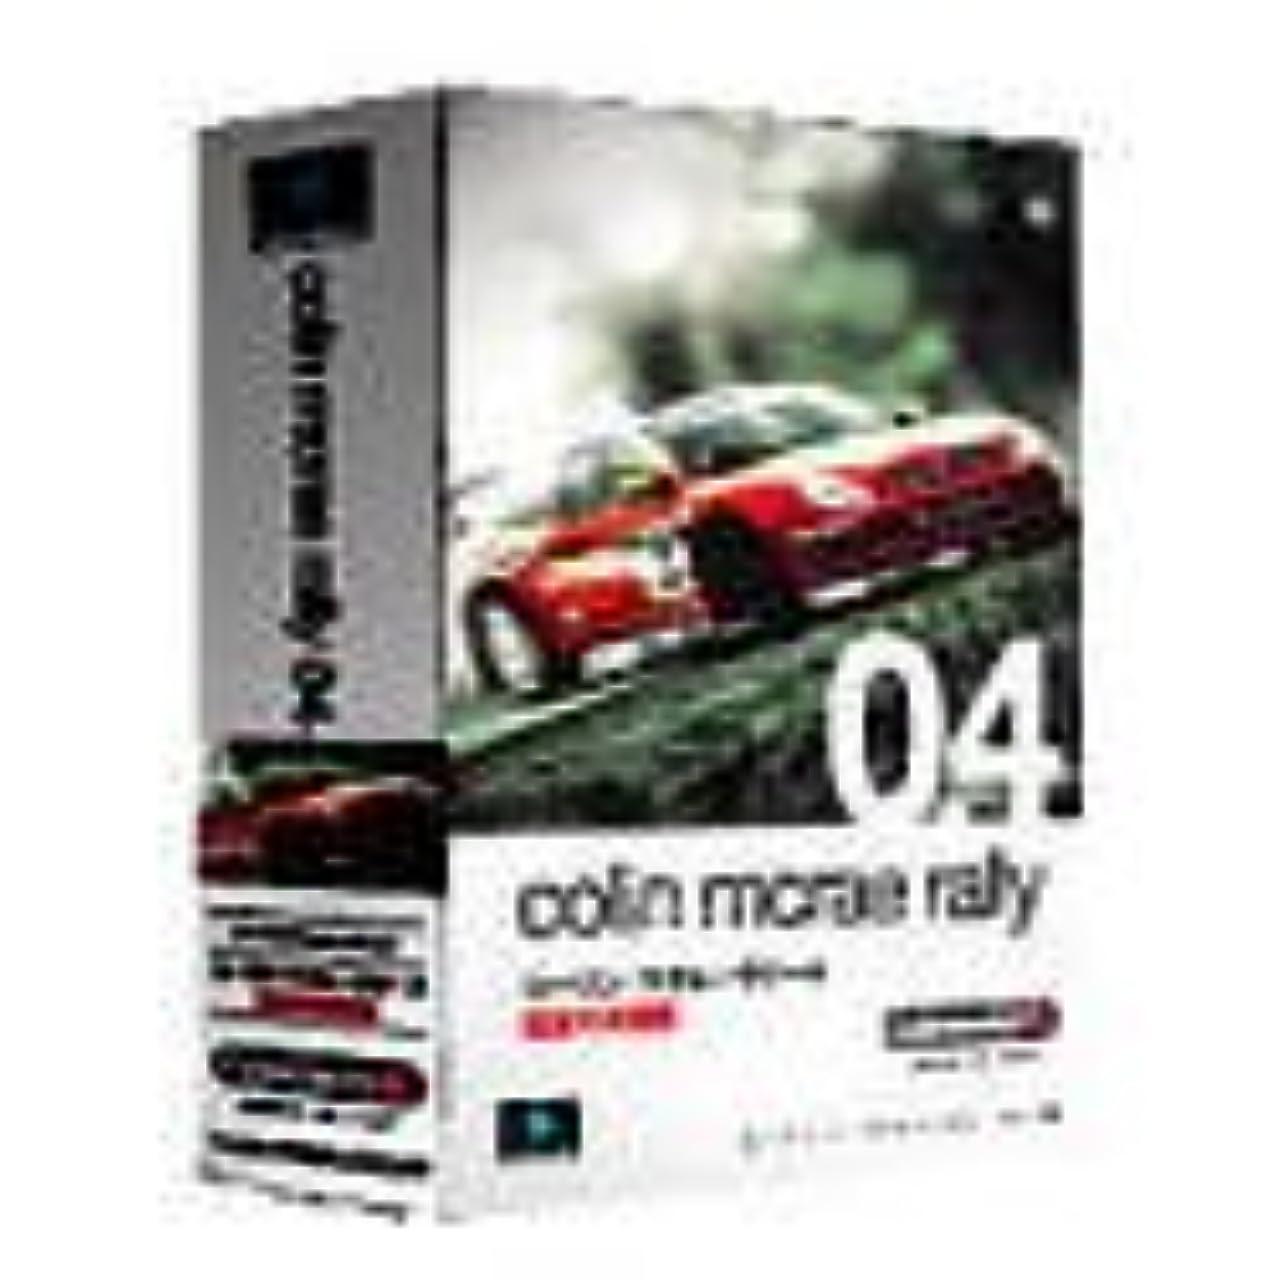 タンザニア賞売るColin macrae rally 04 完全日本語版